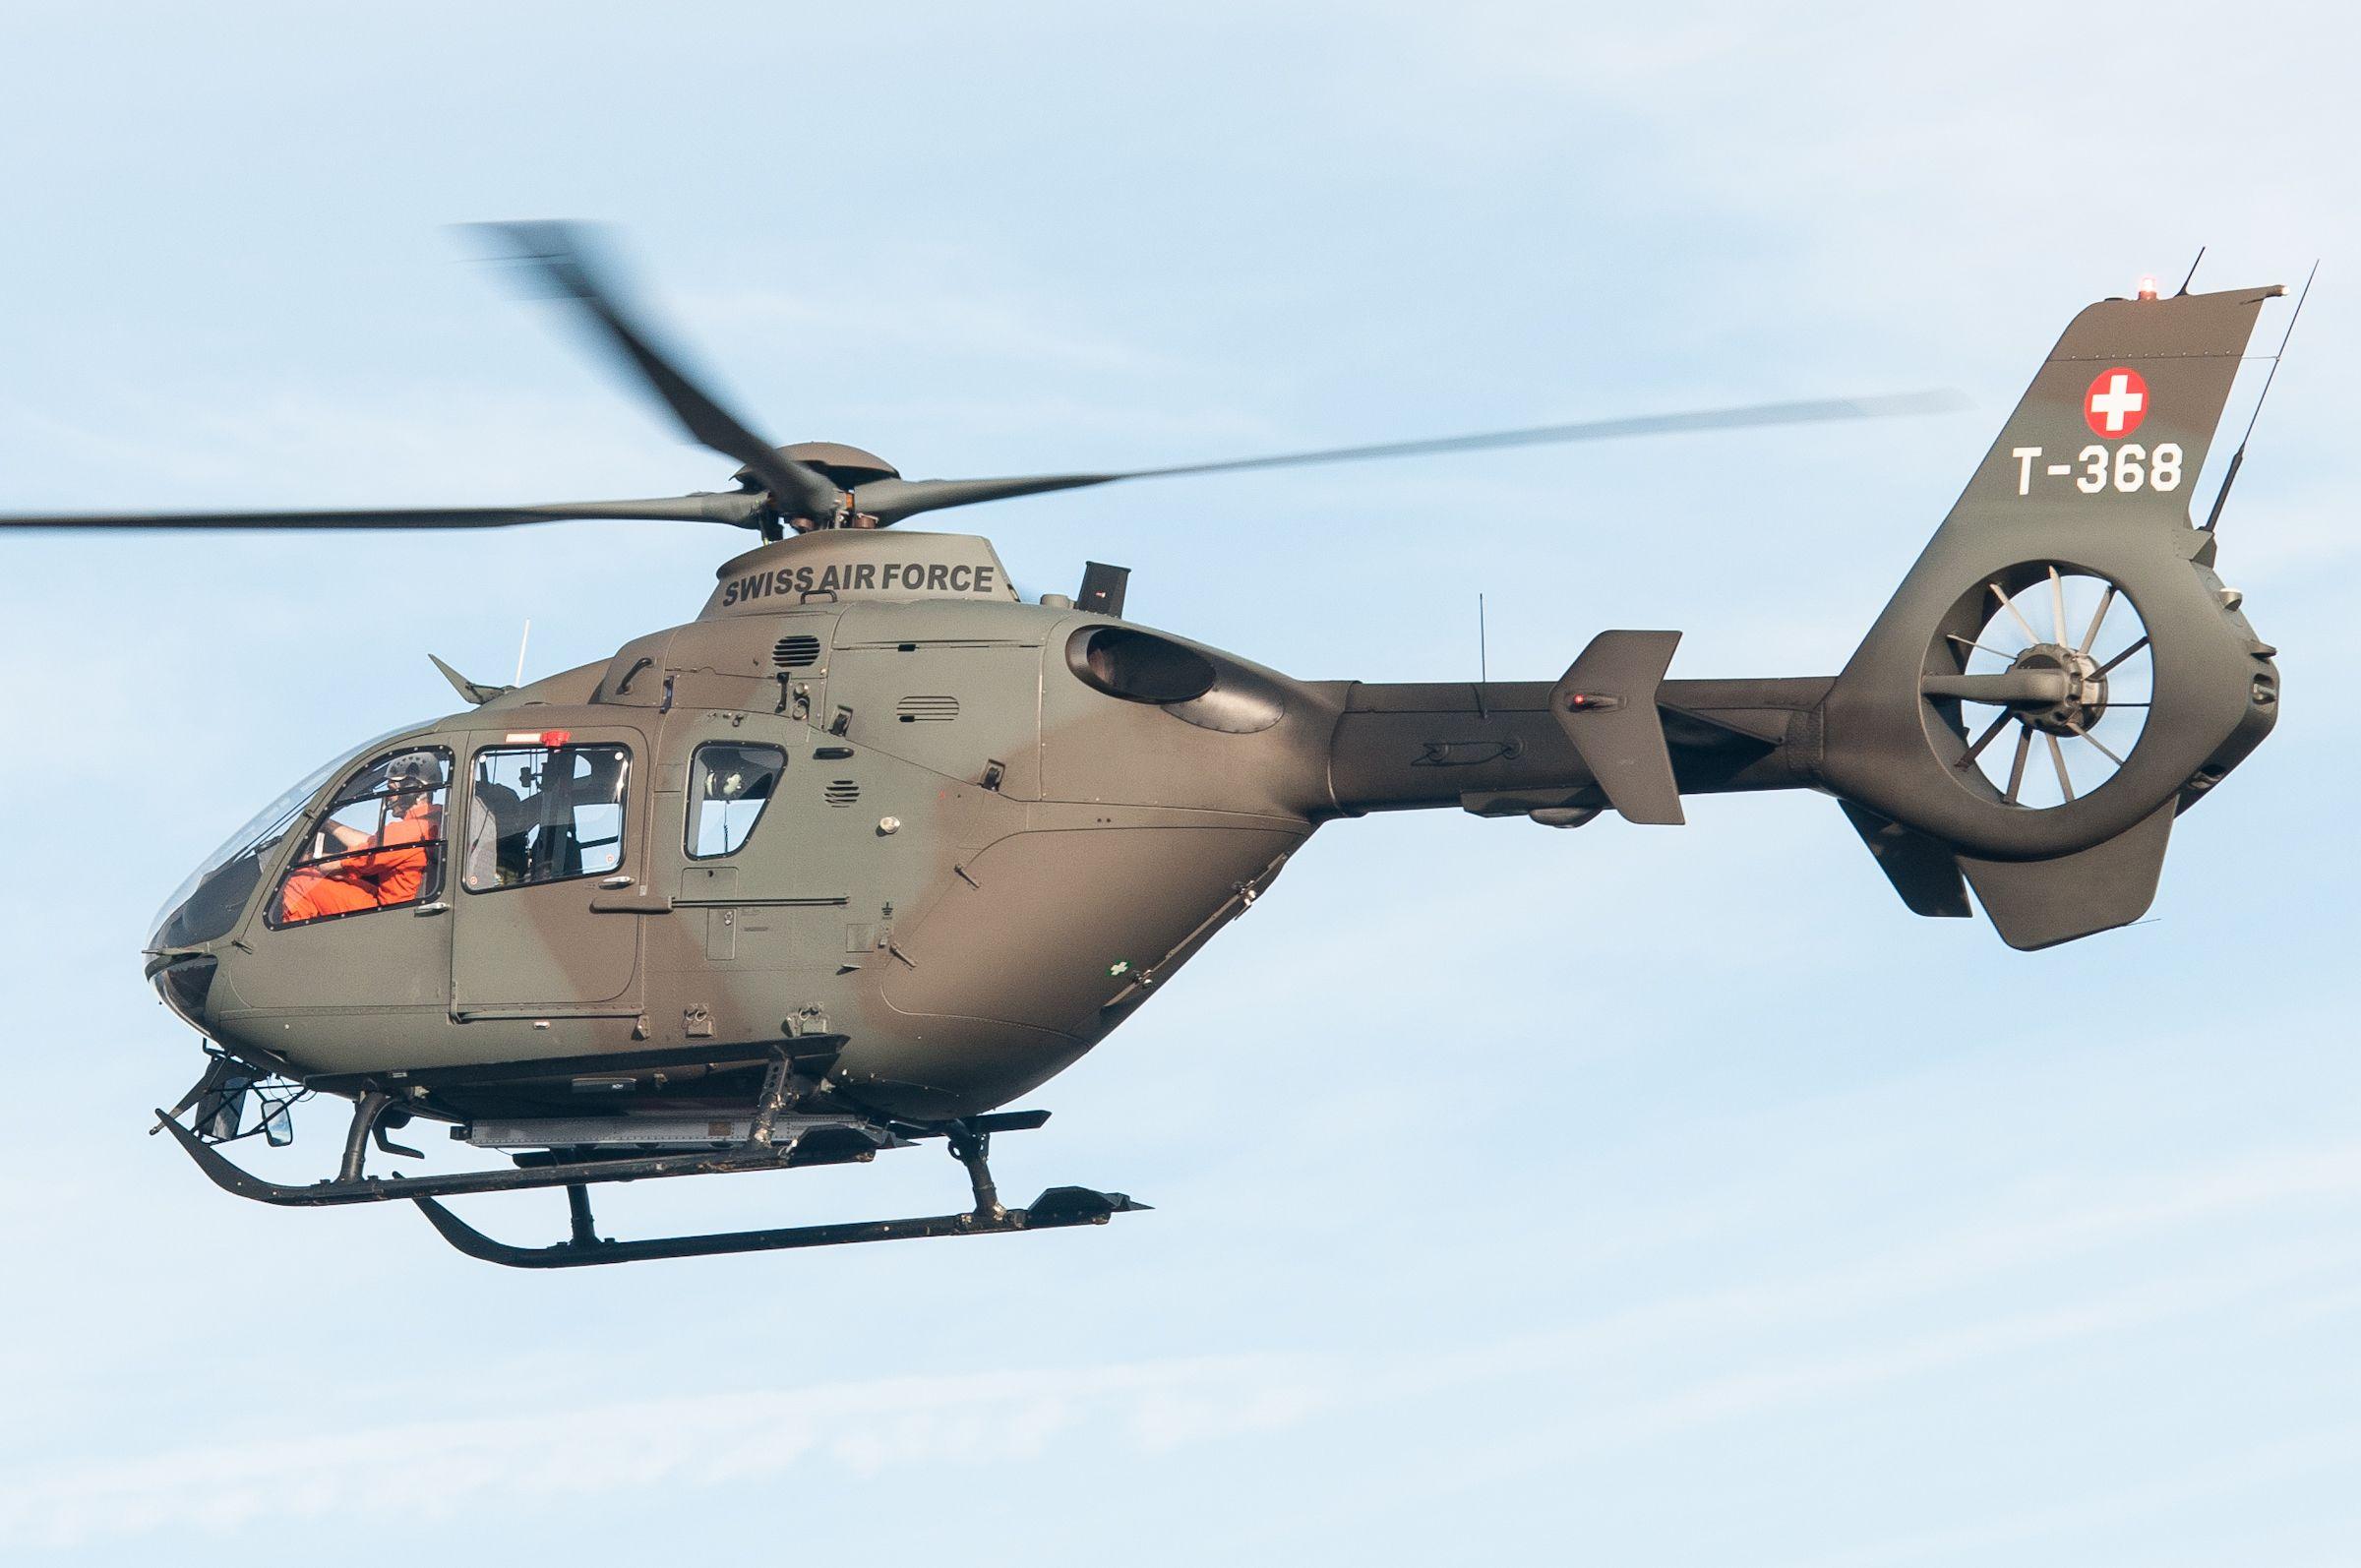 Air force live fire event Axalp 2012 - 10-11 Oct 2012 - Pagina 2 000167v